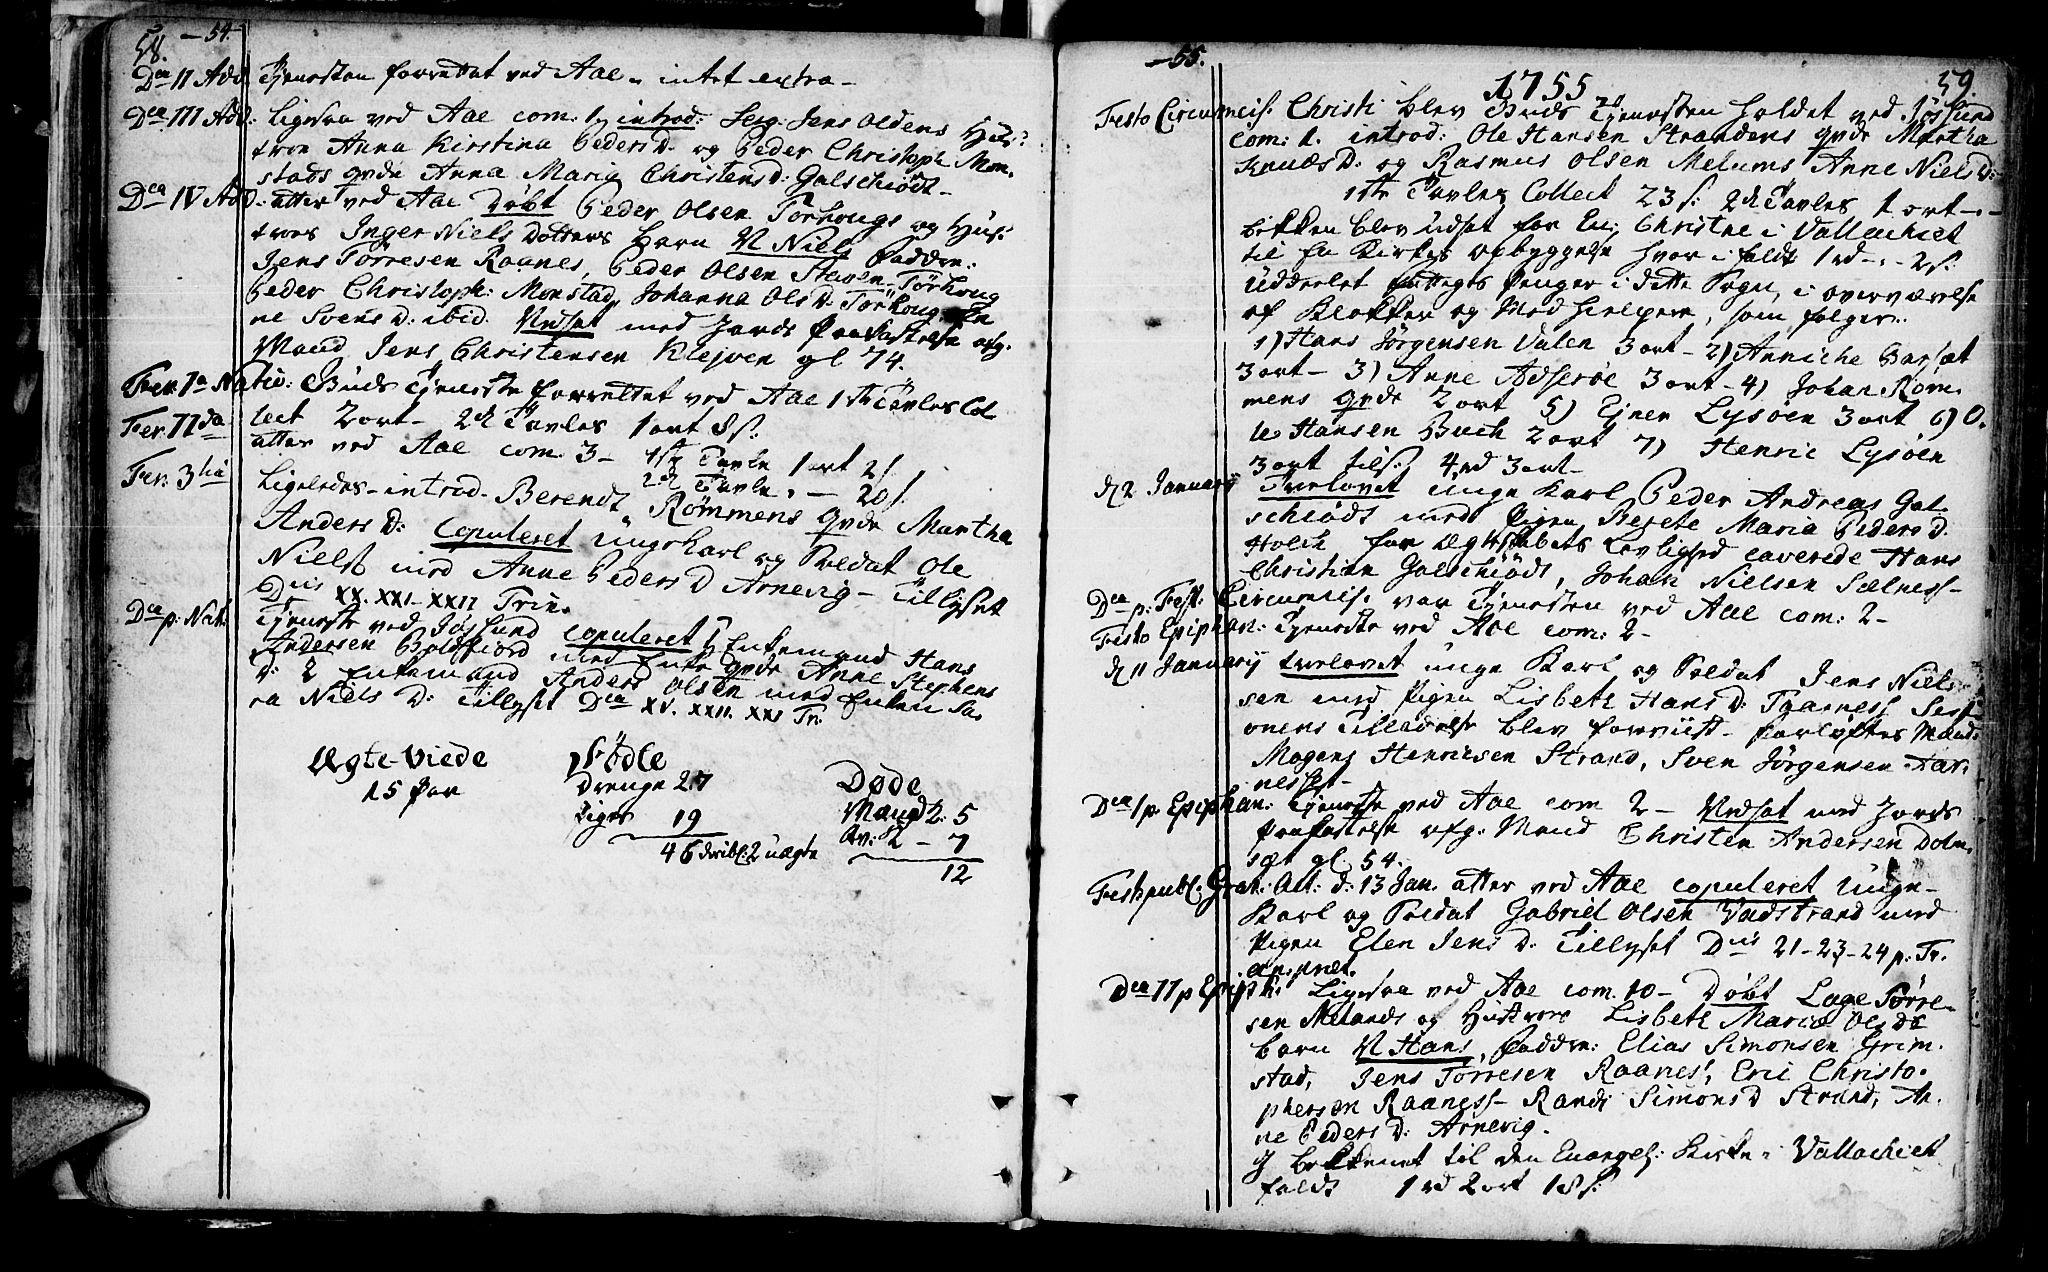 SAT, Ministerialprotokoller, klokkerbøker og fødselsregistre - Sør-Trøndelag, 655/L0672: Ministerialbok nr. 655A01, 1750-1779, s. 58-59